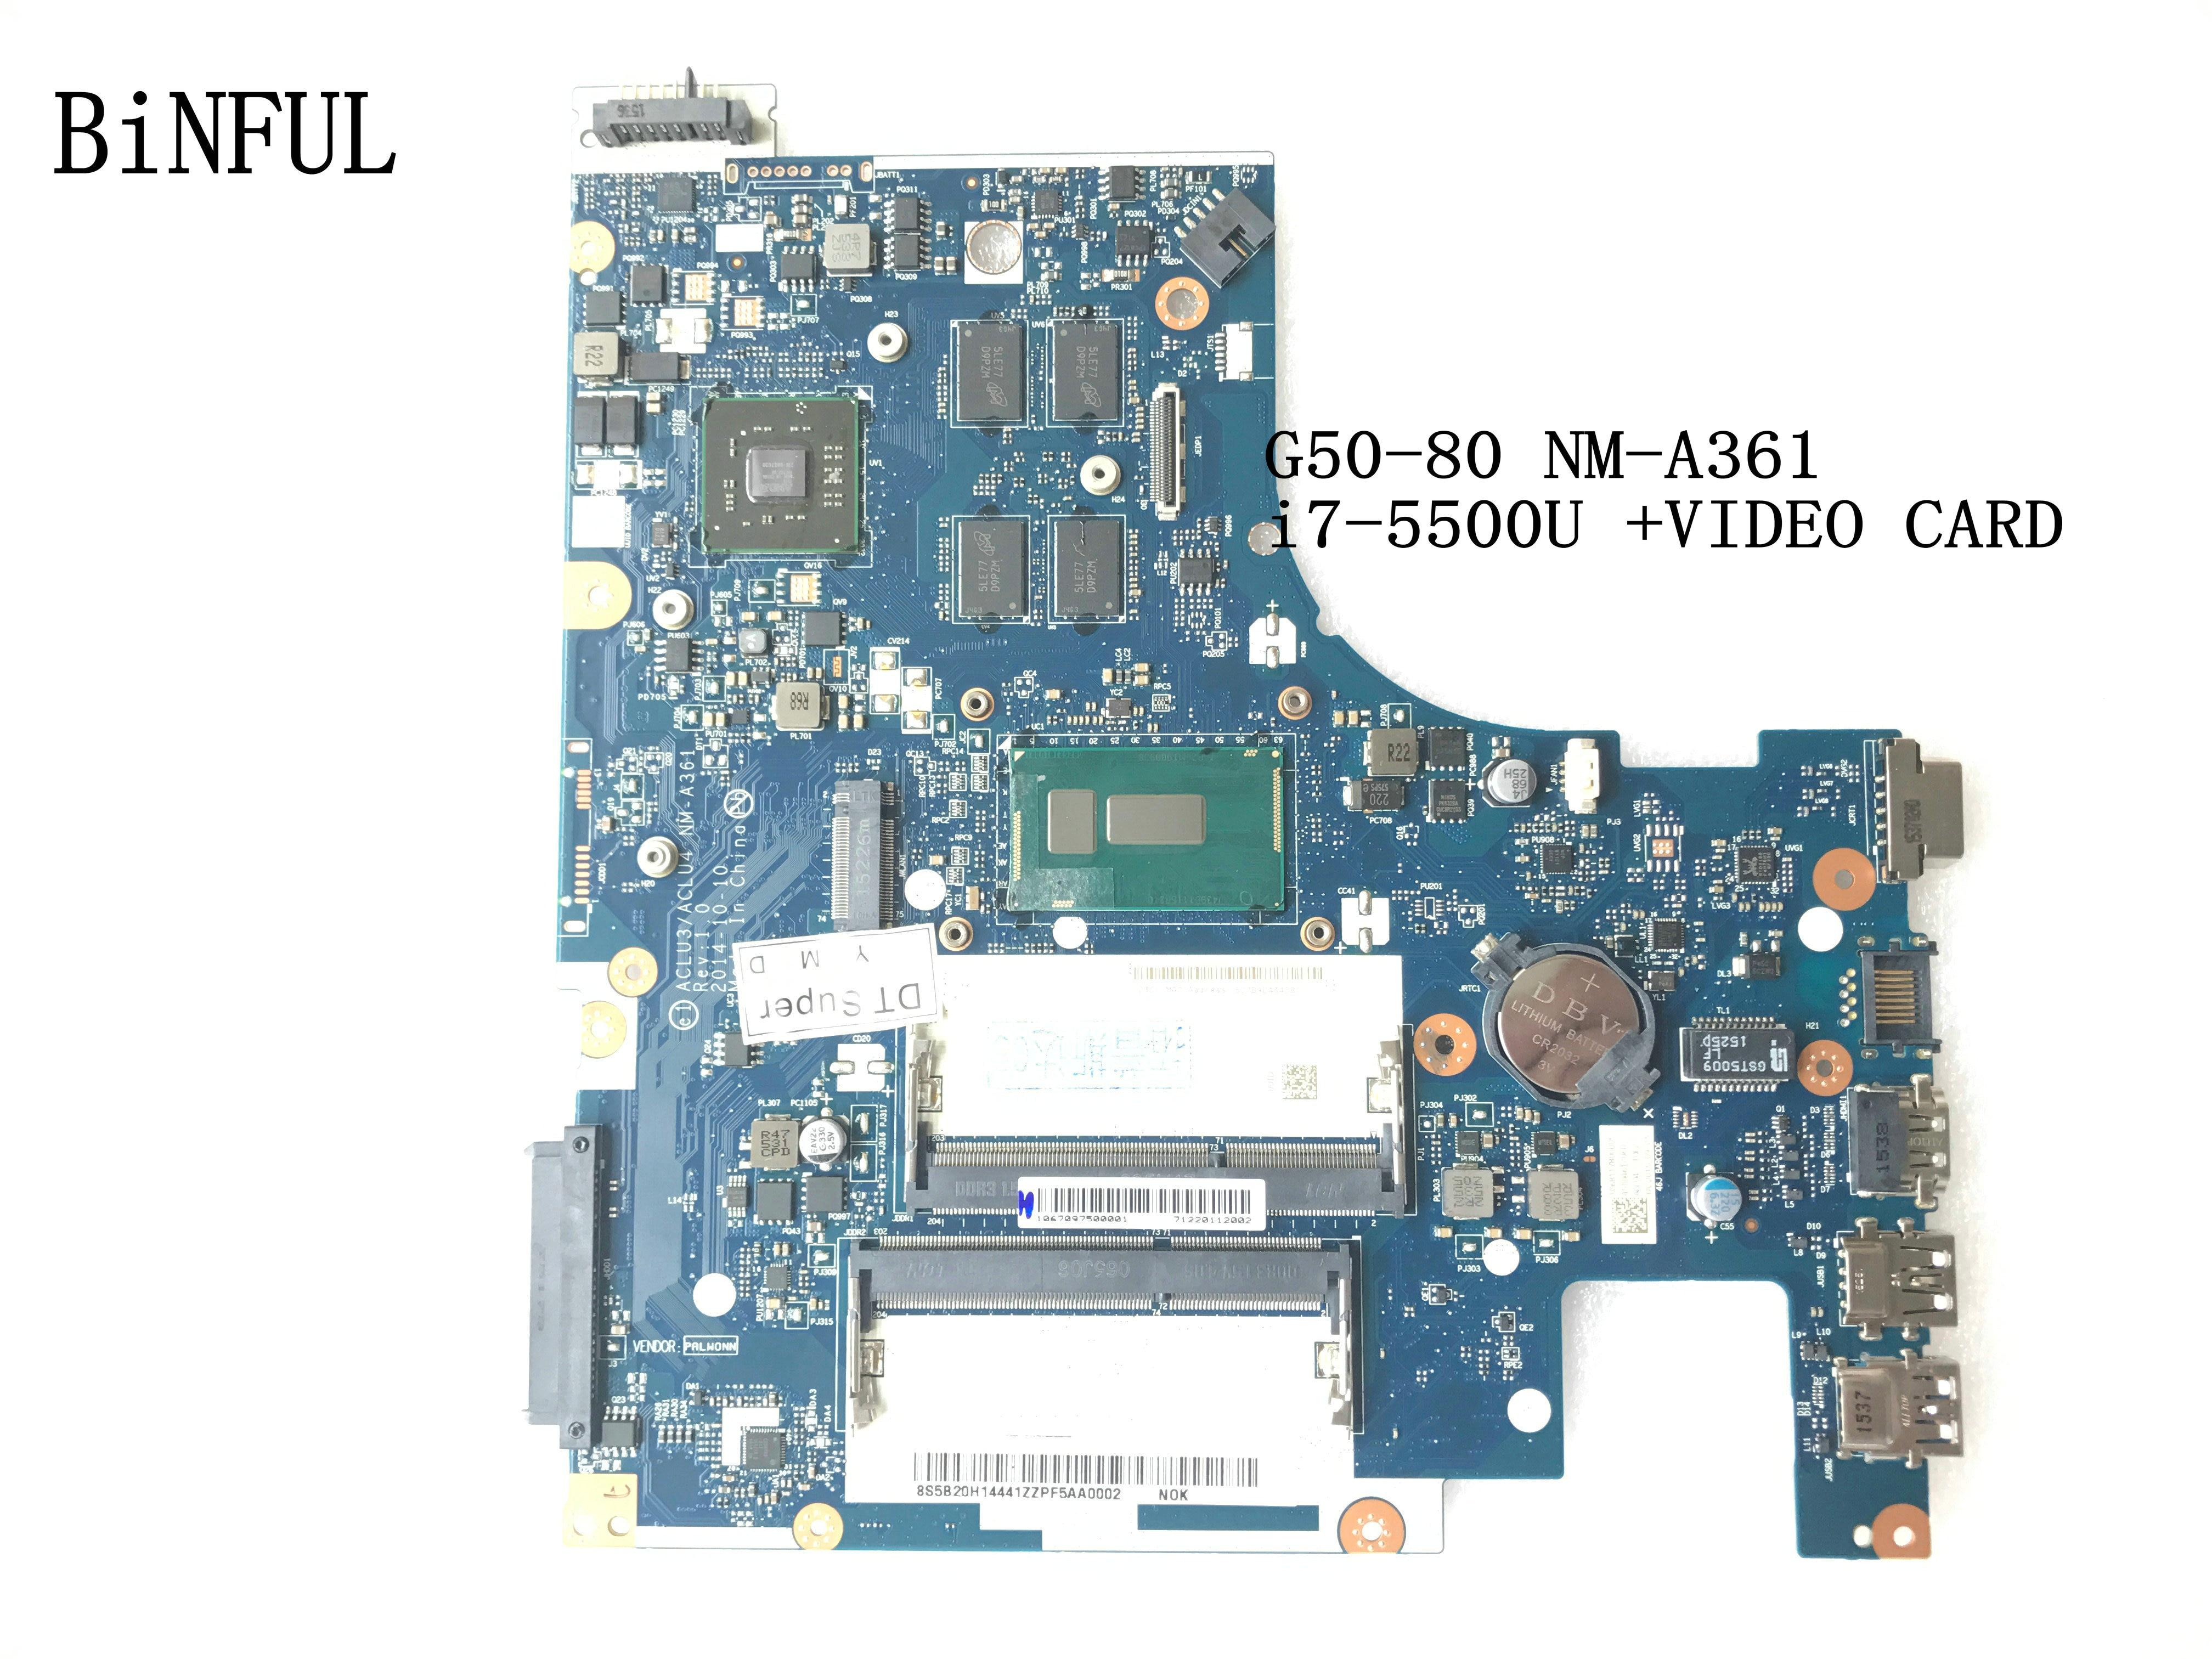 KEFU ESTOQUE ACLU3/ALCU4 NM-A361 Para LENOVO Ideapad G50-80 MOTHERBOARD LAPTOP COM PROCESSADOR I7-5500U + PLACA DE VÍDEO